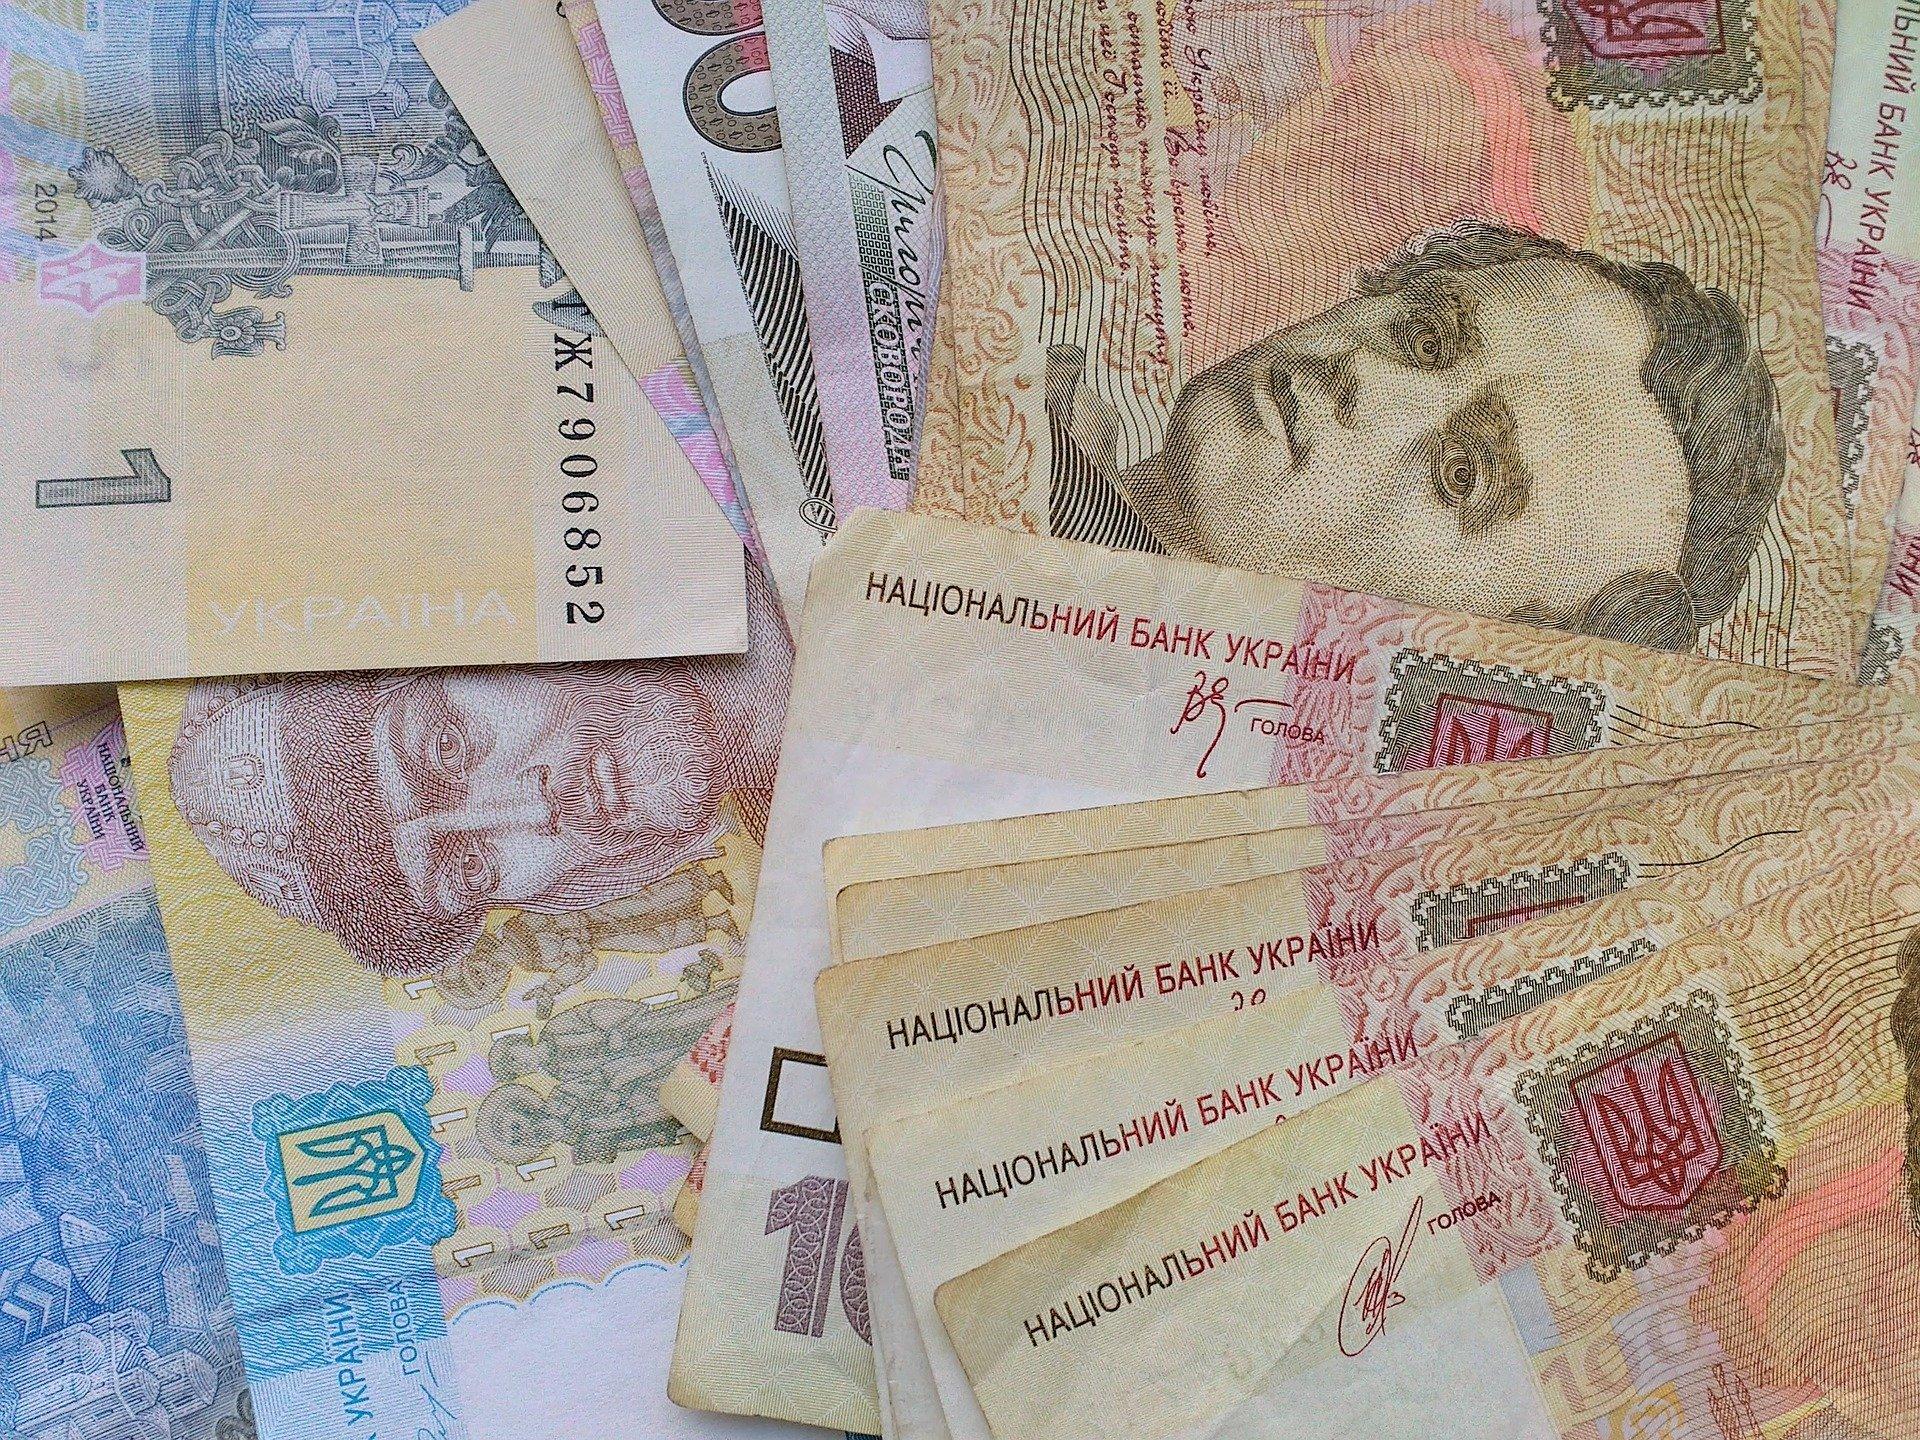 Суд визнав вимоги кредиторів до «Одеського короваю» на 6,3 млрд гривень у справі про банкрутство